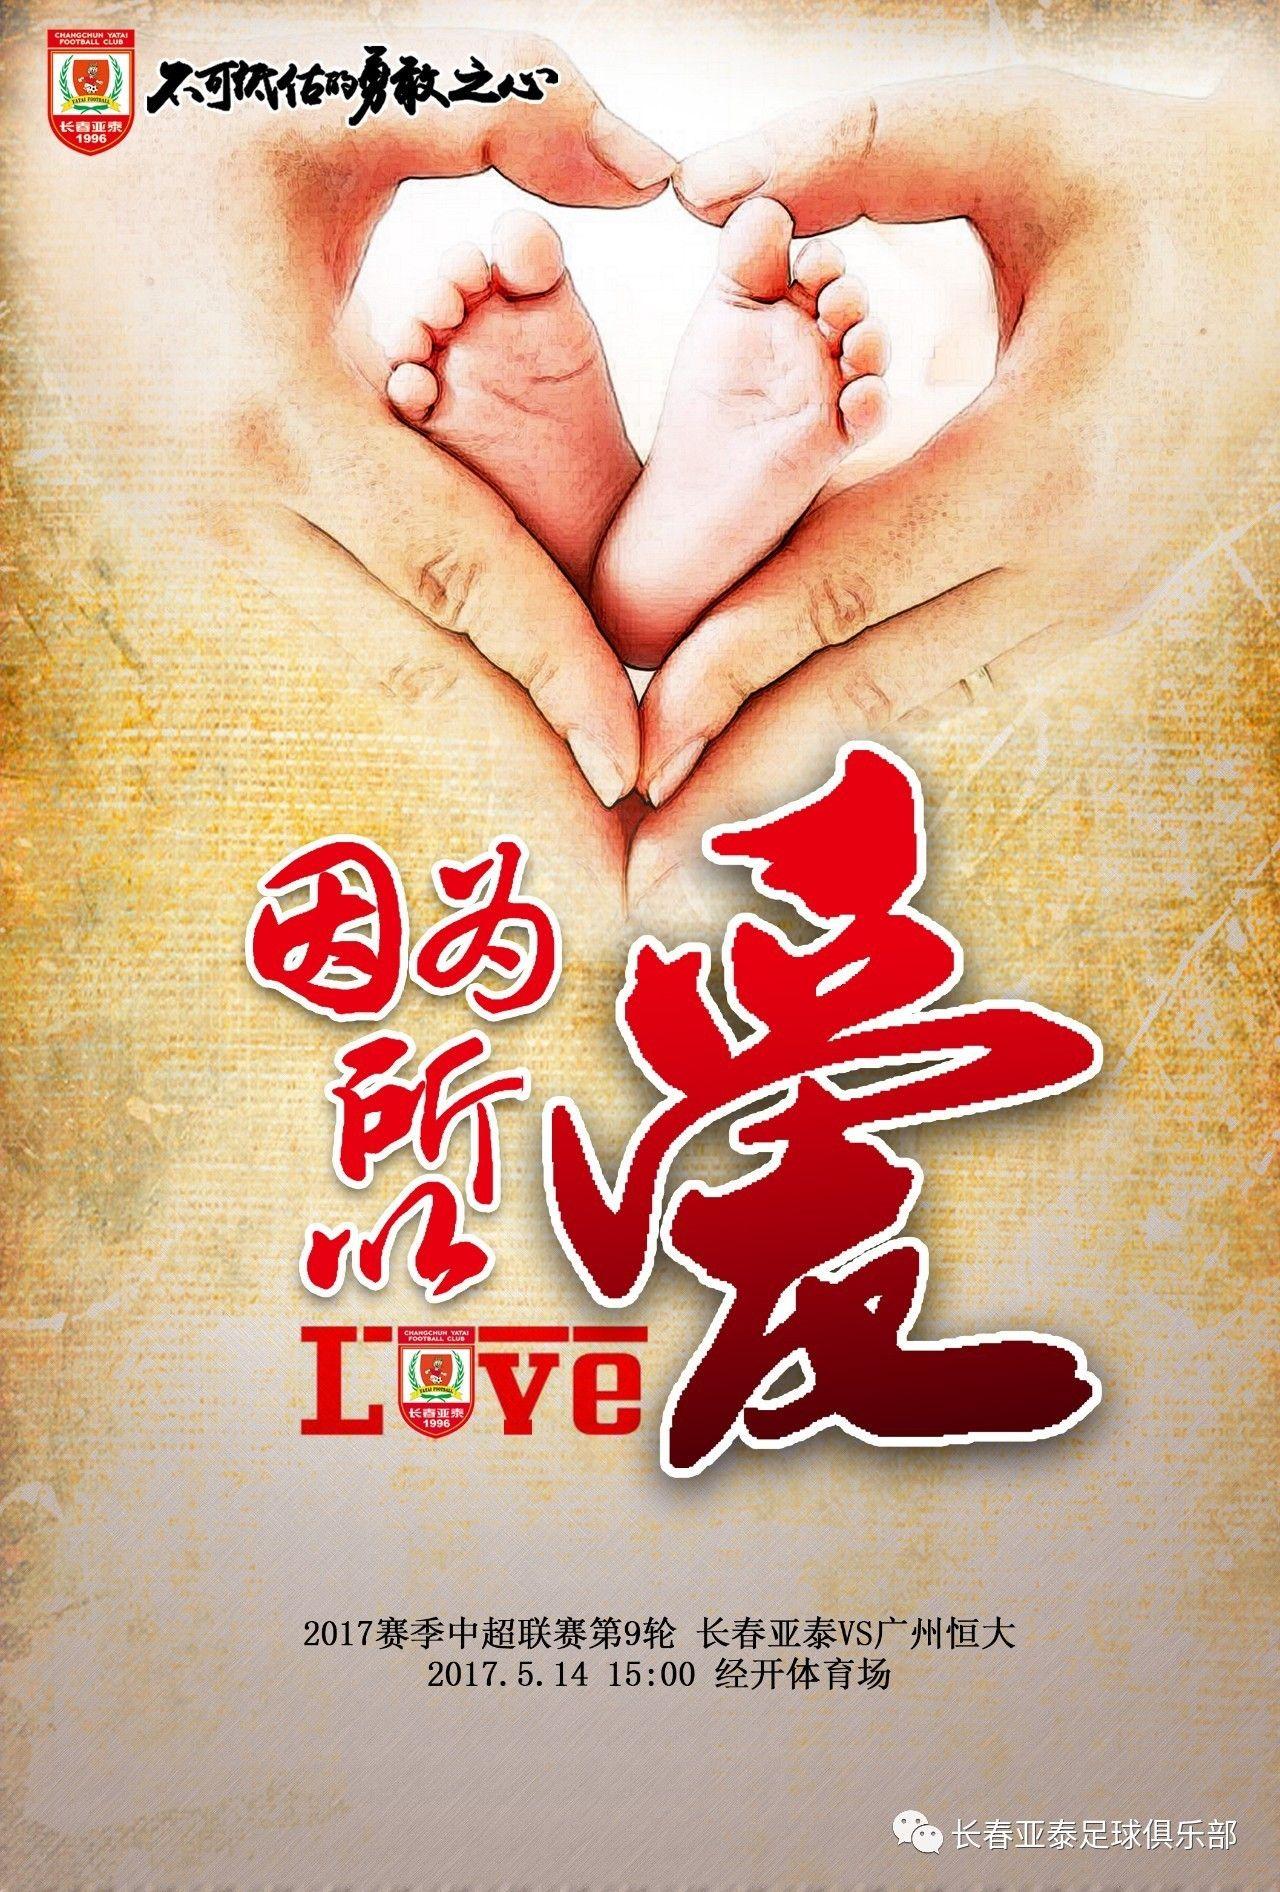 【海报】因为爱所以爱